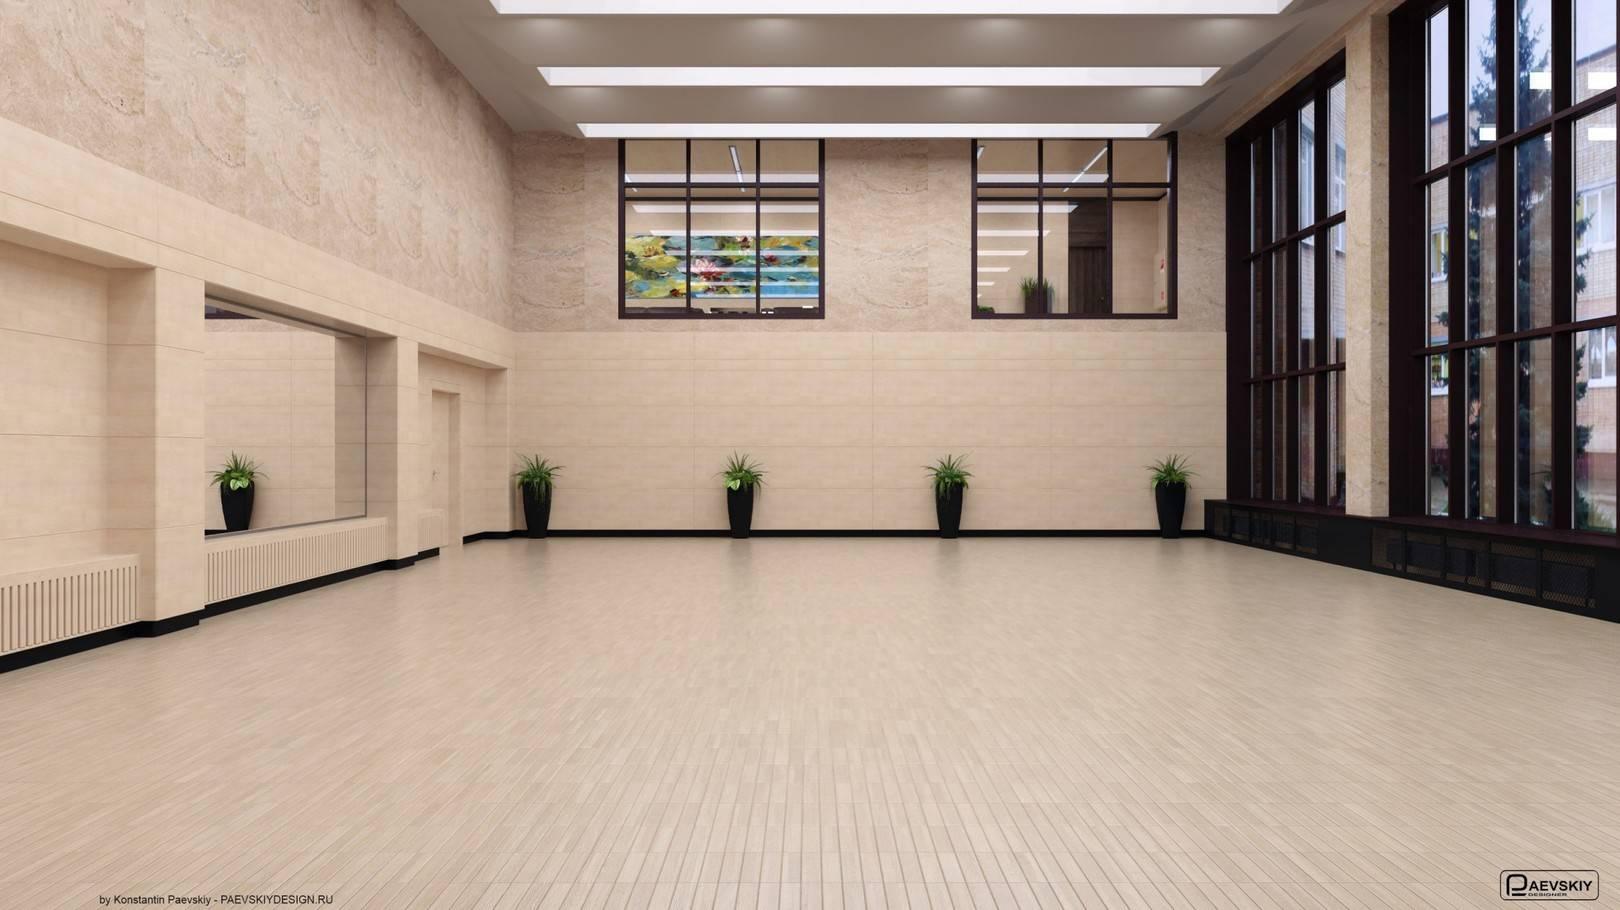 Танцевальный зал, зал для мероприятий